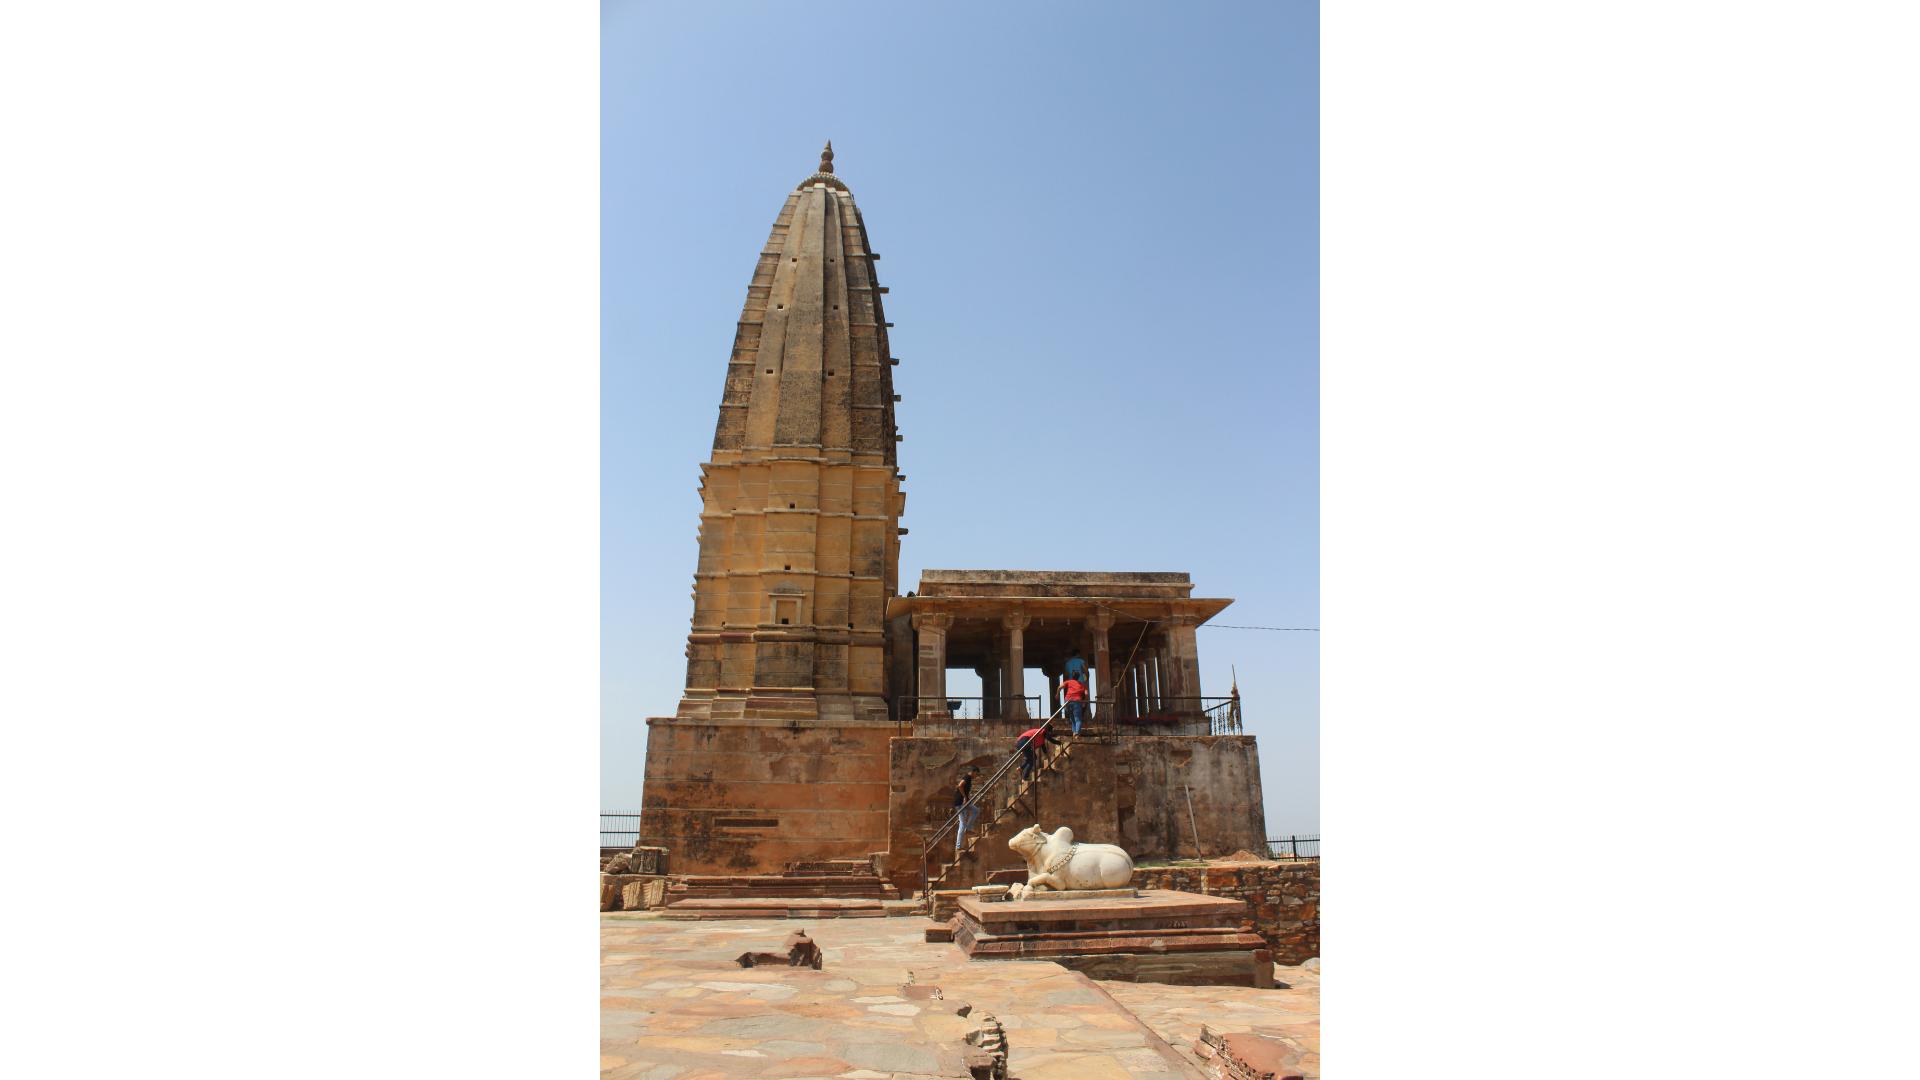 शेखावाटी क्षेत्र का मुख्य आस्था का स्थल: हर्षनाथ मंदिर